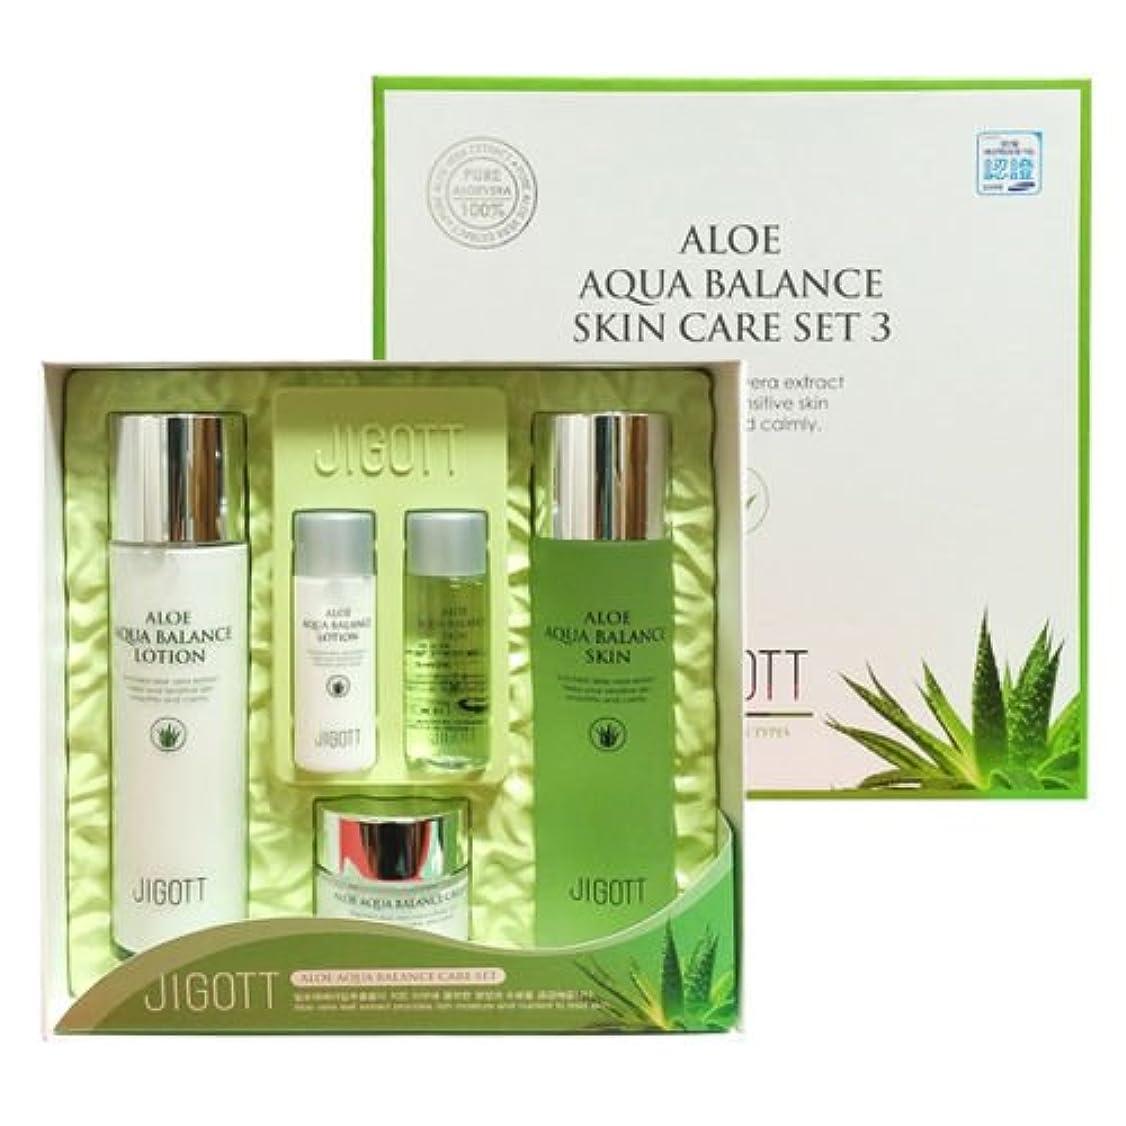 マイクロに対応するマイナスジゴトゥ[韓国コスメJigott]Aloe Aqua Balance Skin Care 3 Set アロエアクアバランススキンケア3セット樹液,乳液,クリーム [並行輸入品]